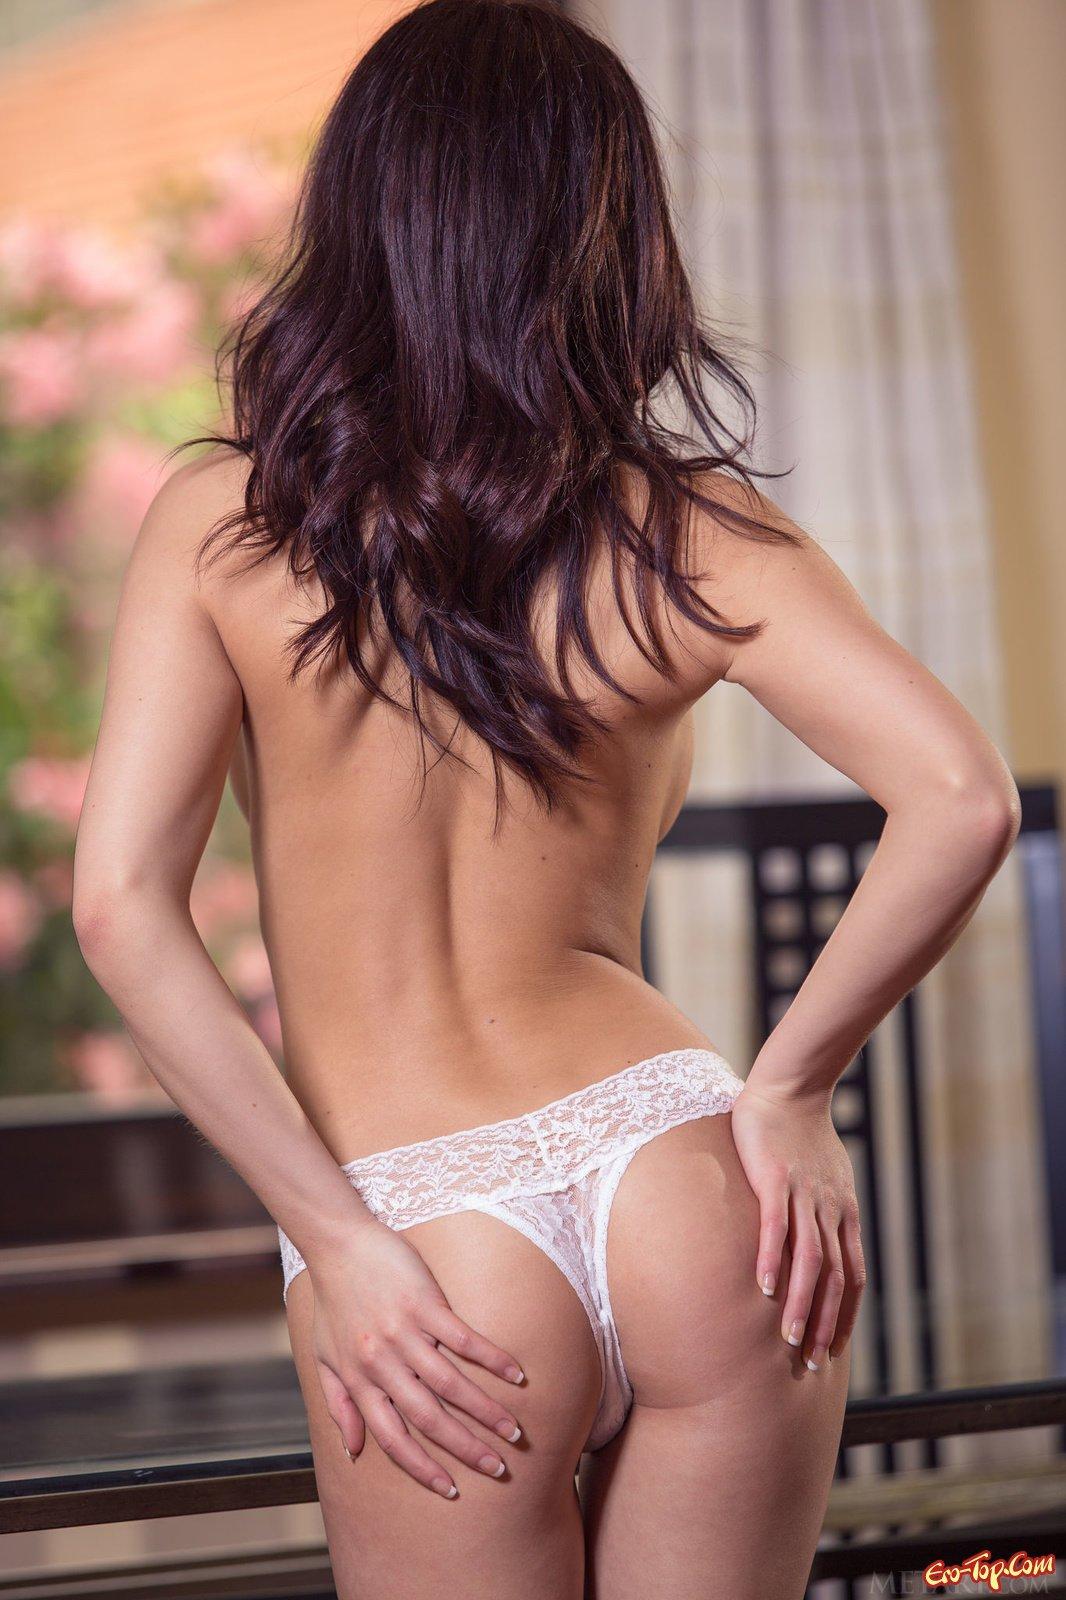 Азиаточка стягивает кружевное интимное белье на стуле